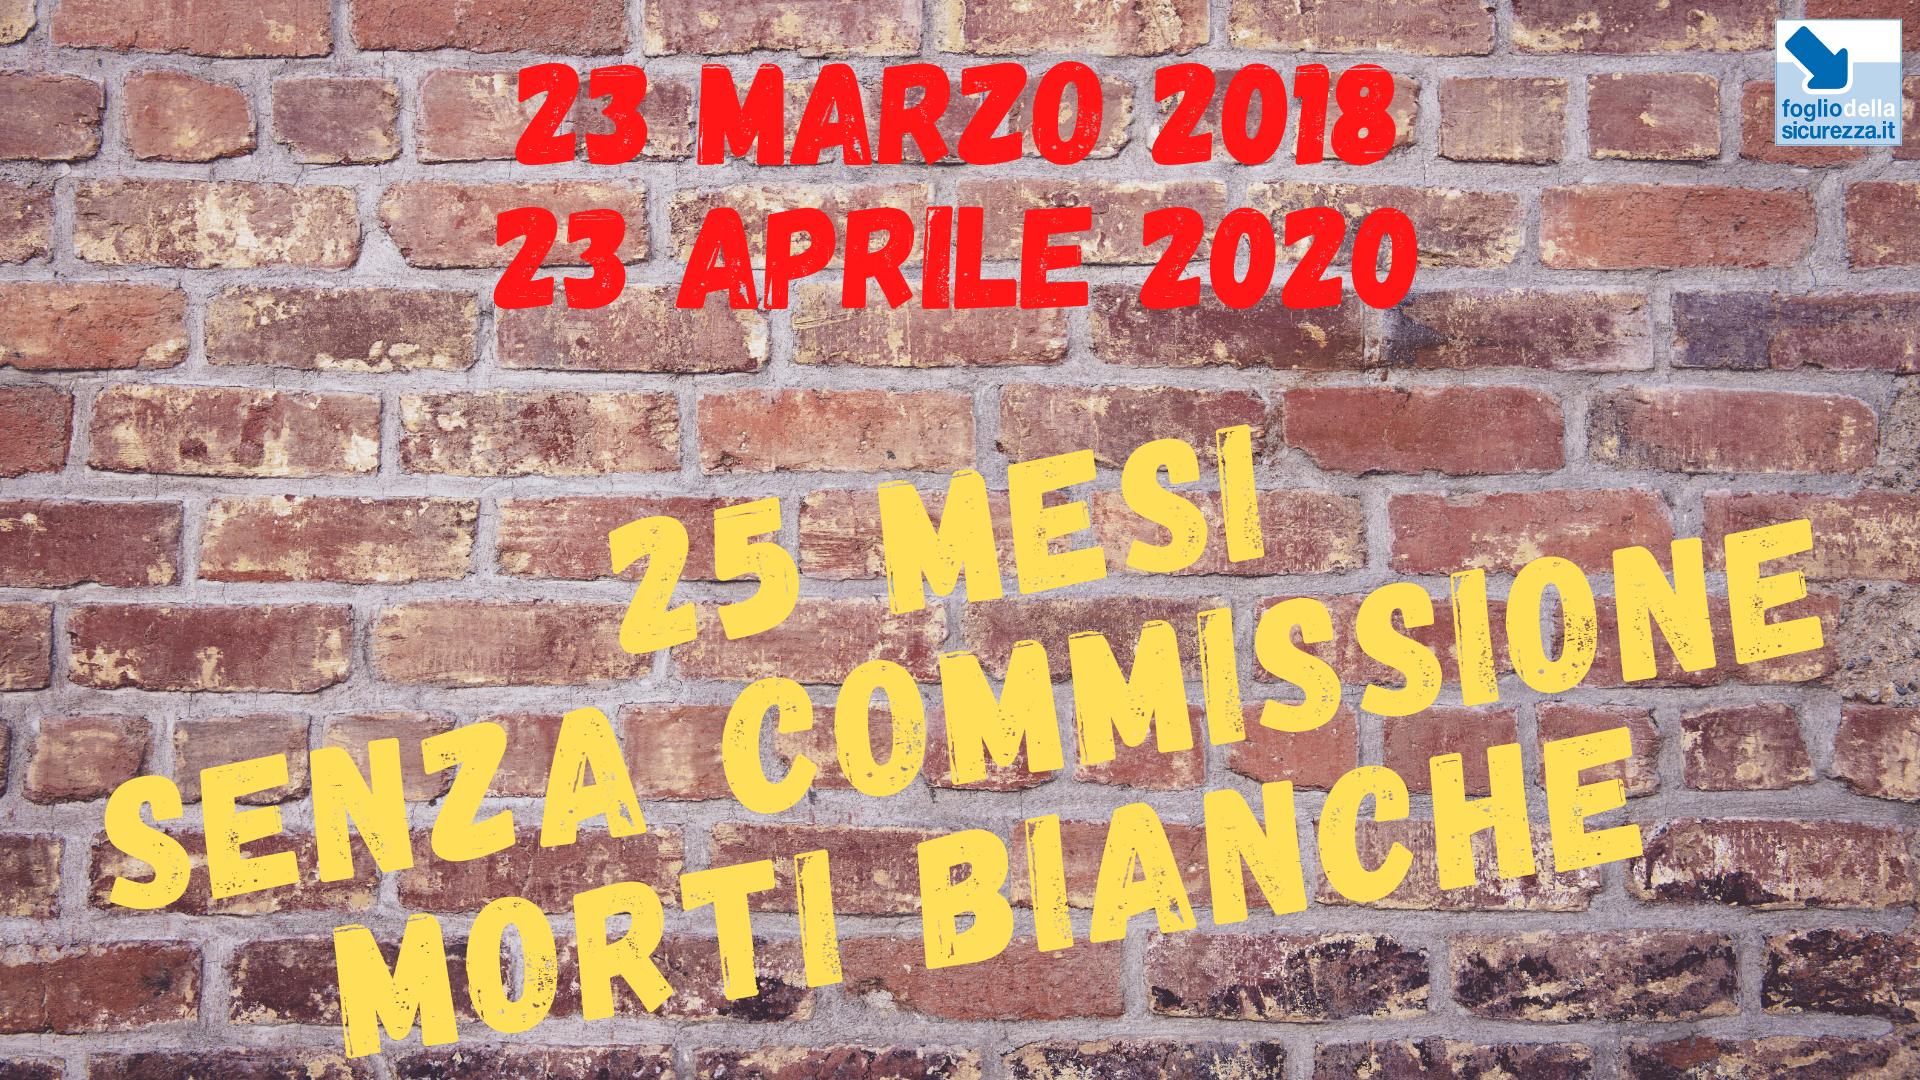 Commissione morti bianche 20200423